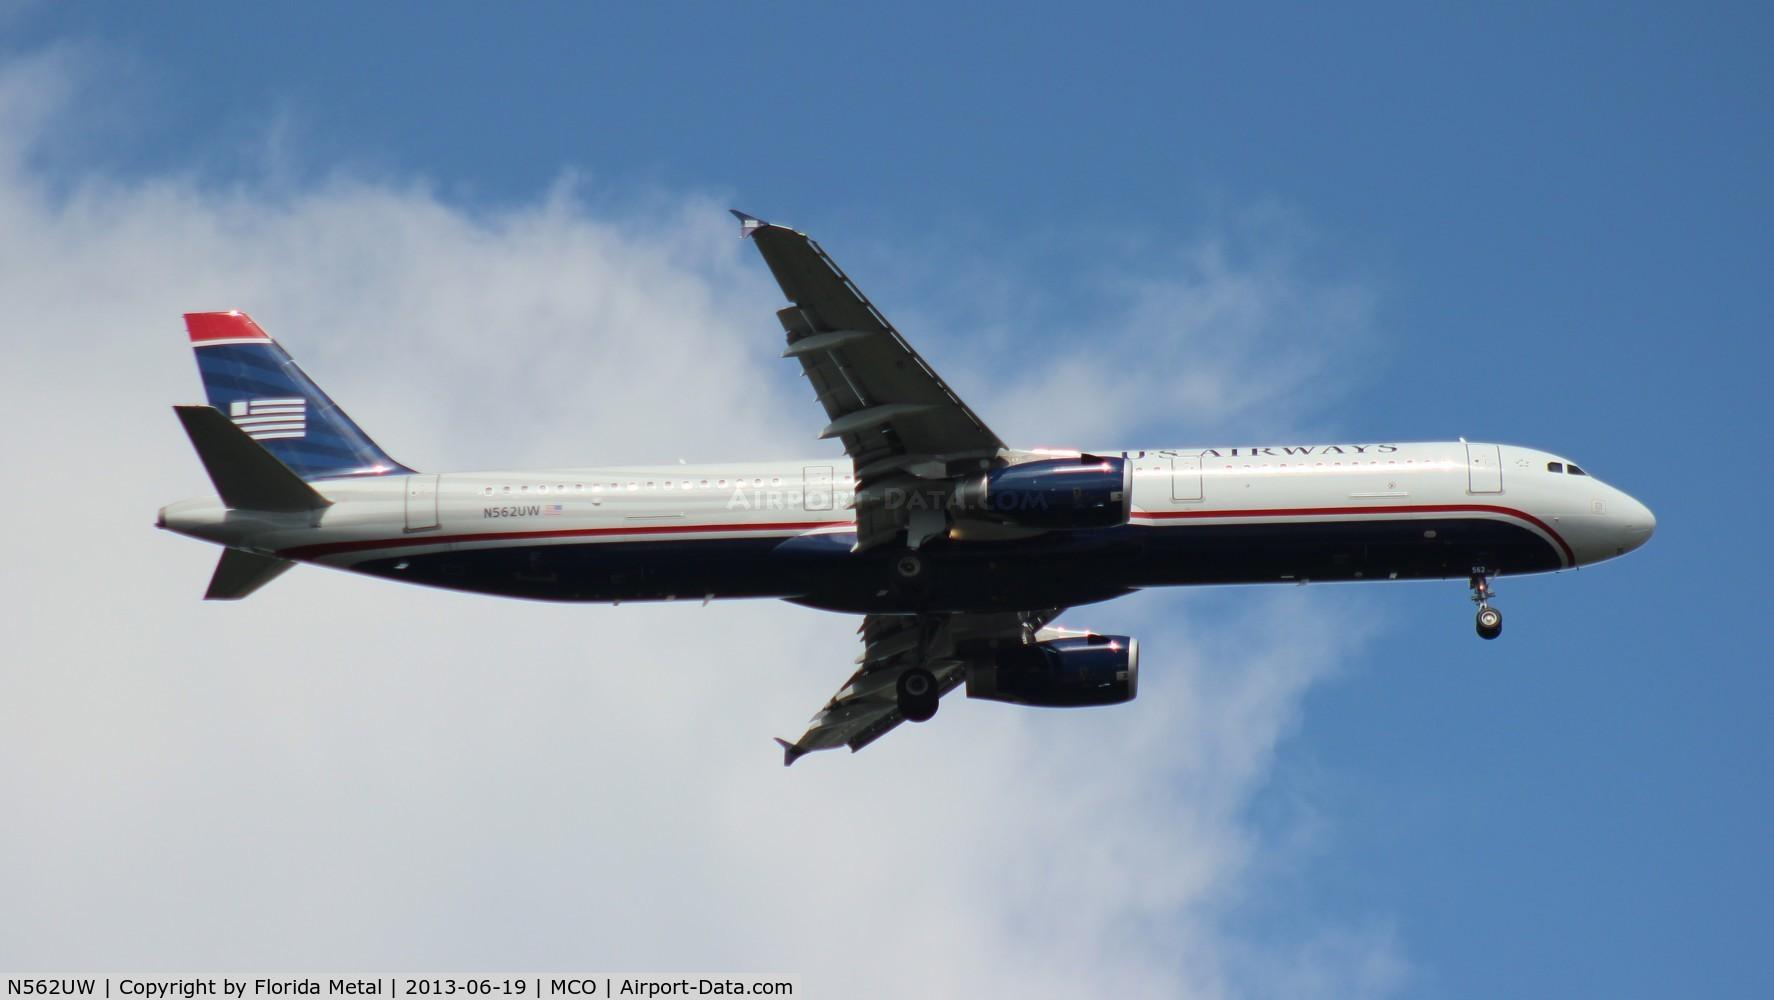 N562UW, 2012 Airbus A321-231 C/N 5332, US Airways A321